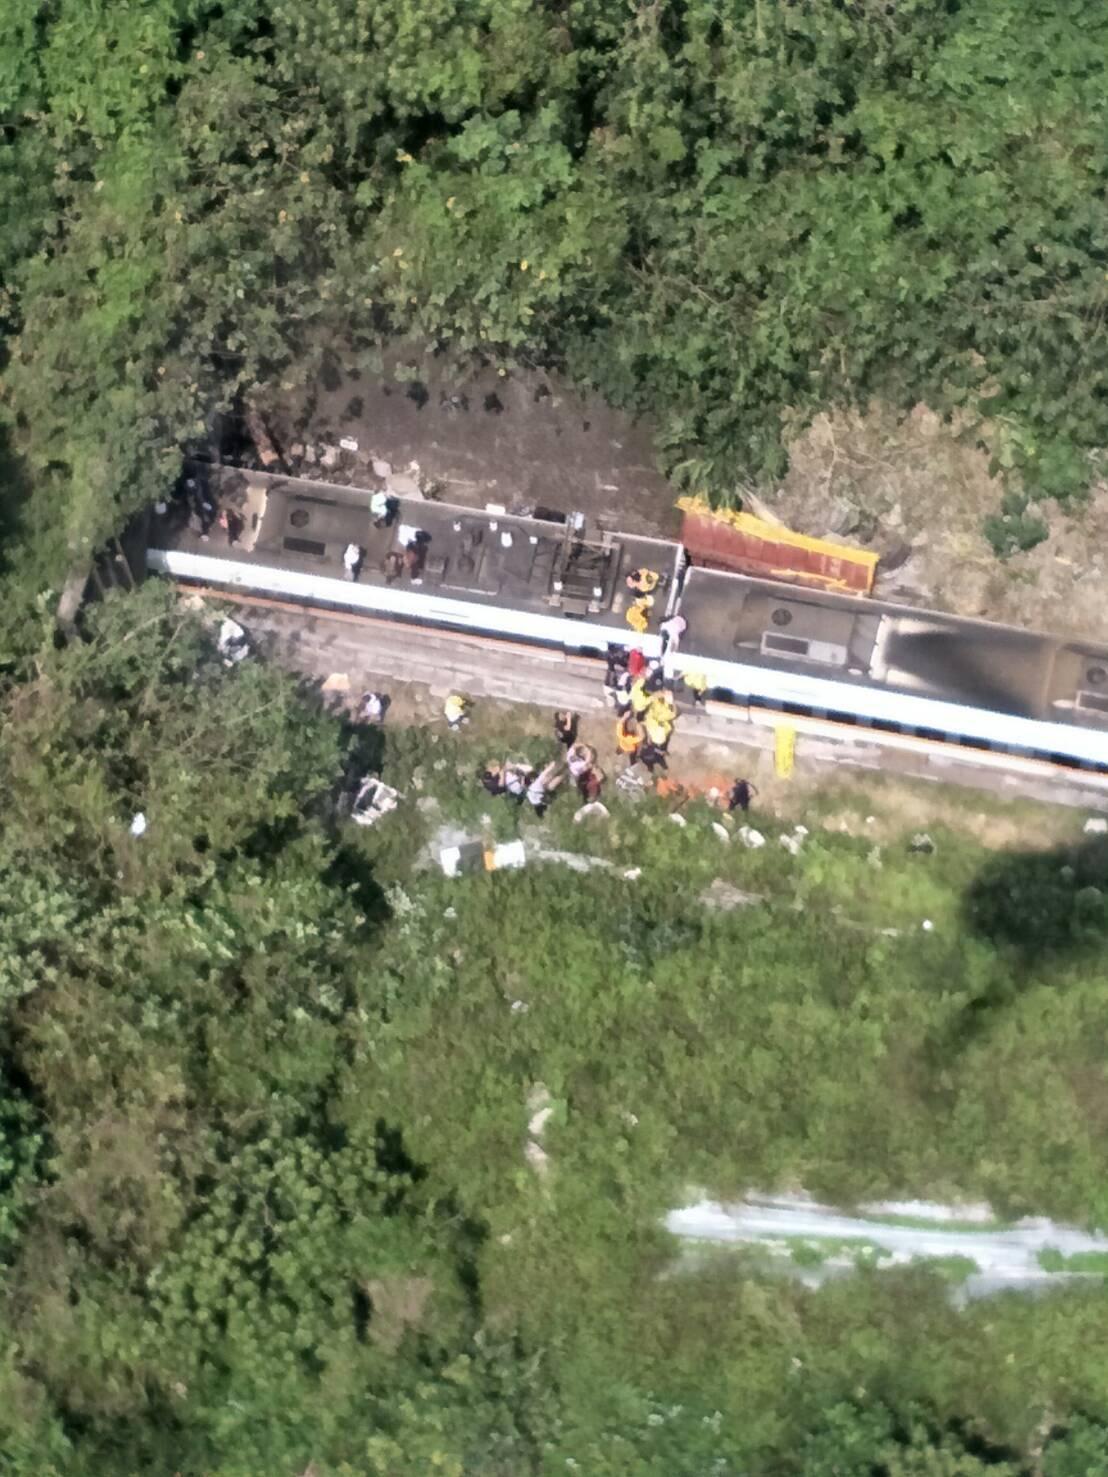 Ταϊβάν: Ένταλμα σύλληψης για το πολύνεκρο δυστύχημα με τρένο (pics)